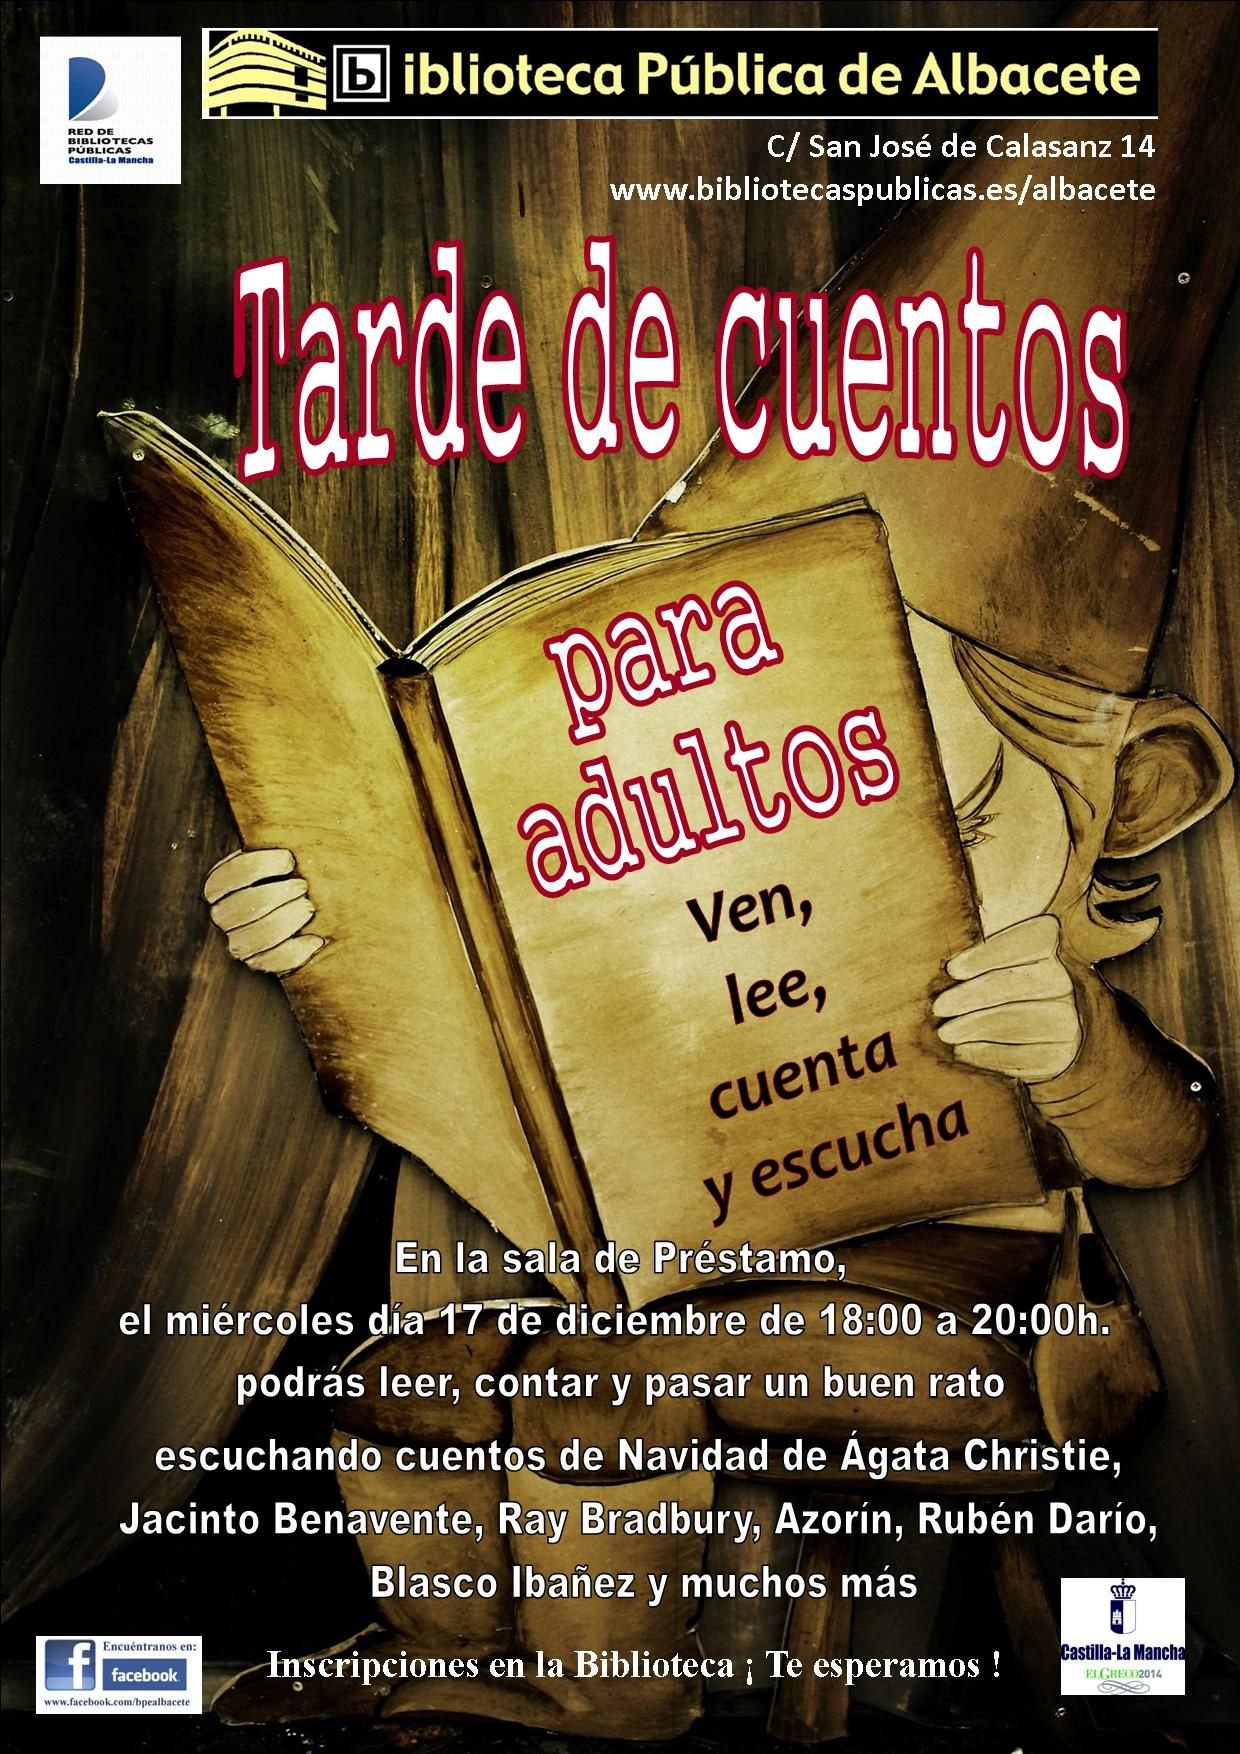 #actividadesbiblioteca Tarde de cuentos para adultos. Puedes disfrutar de esta actividad como lector o como oyente.